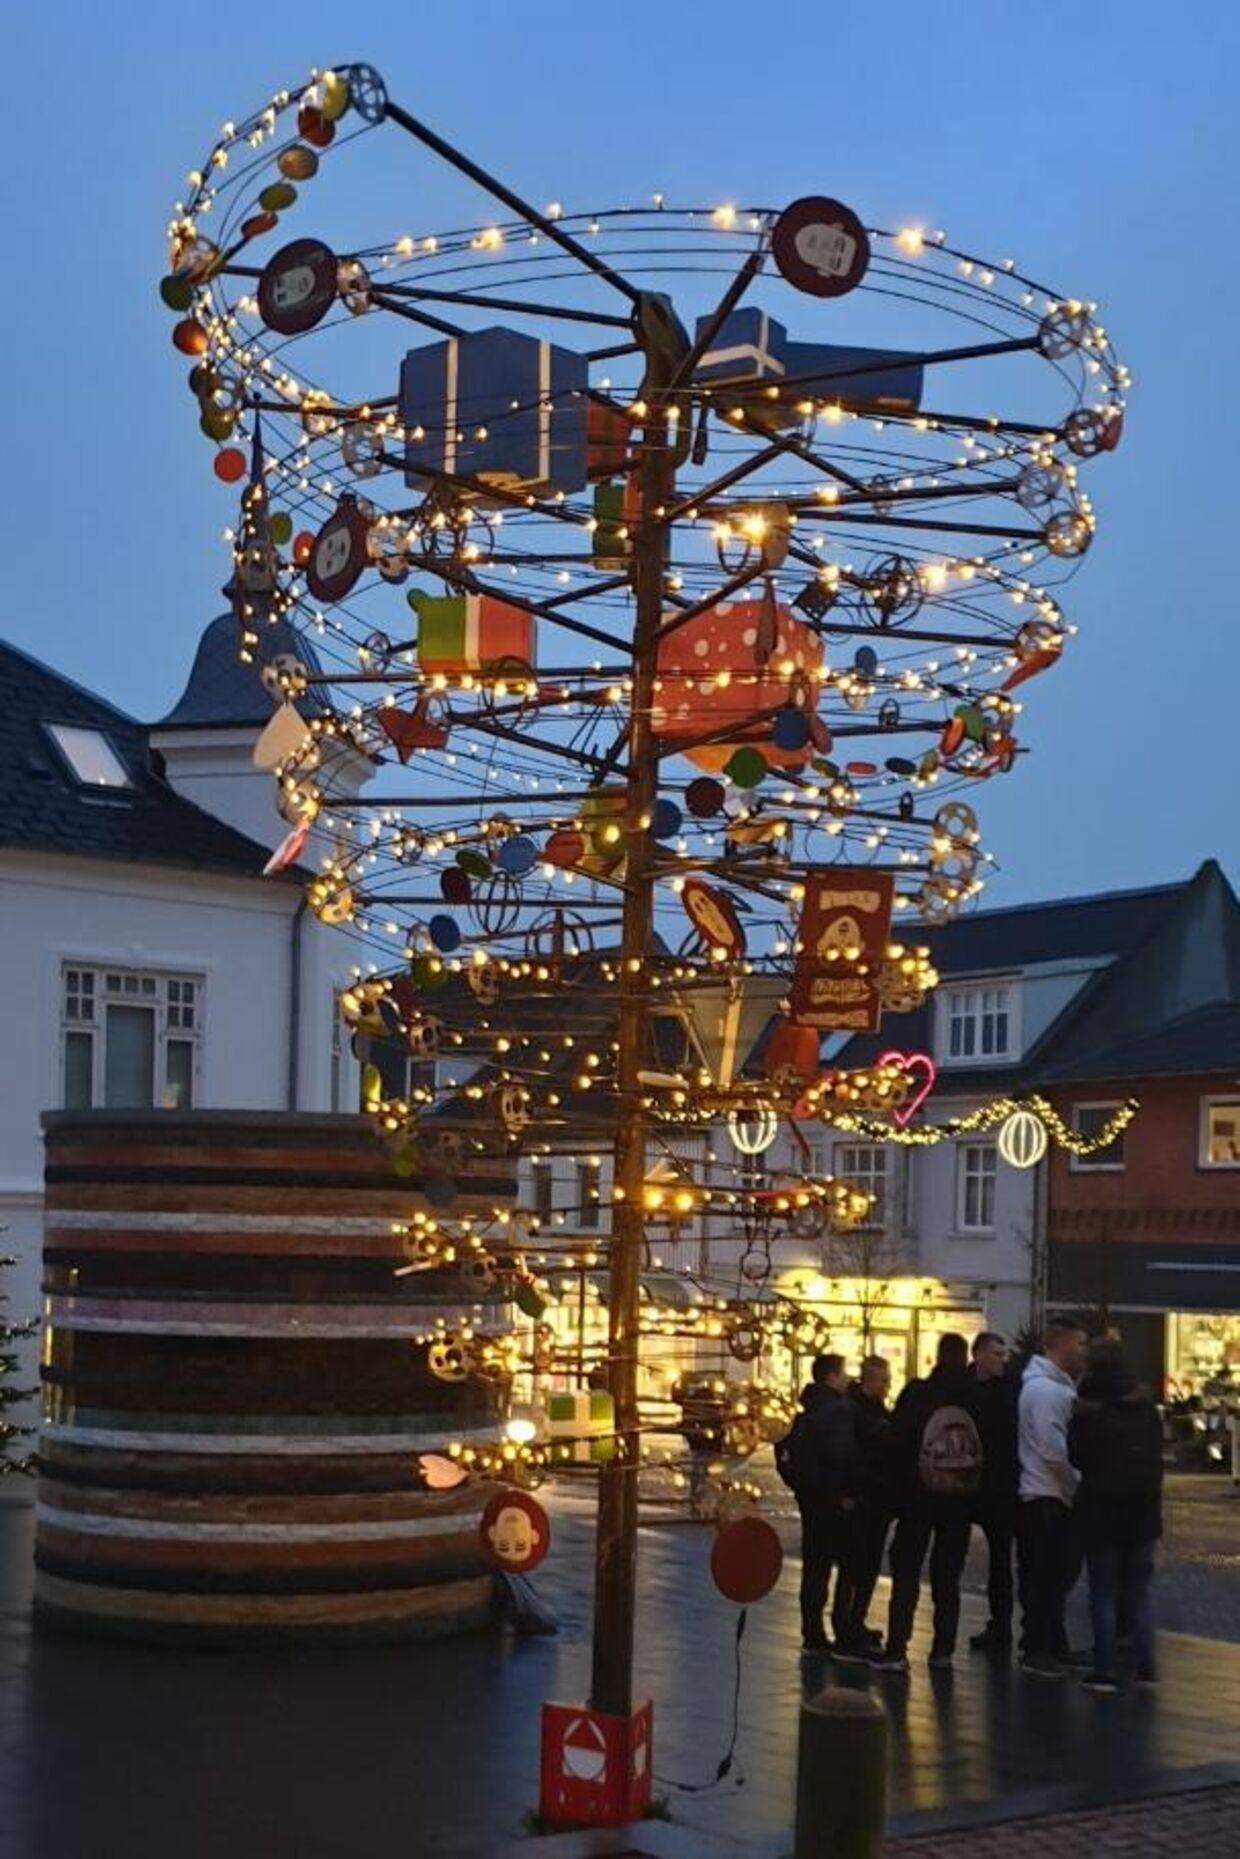 Årets juletræ i Aars er skabt i samarbejde mellem en lokal kunstner og en gruppe unge på byens erhvervsskole.